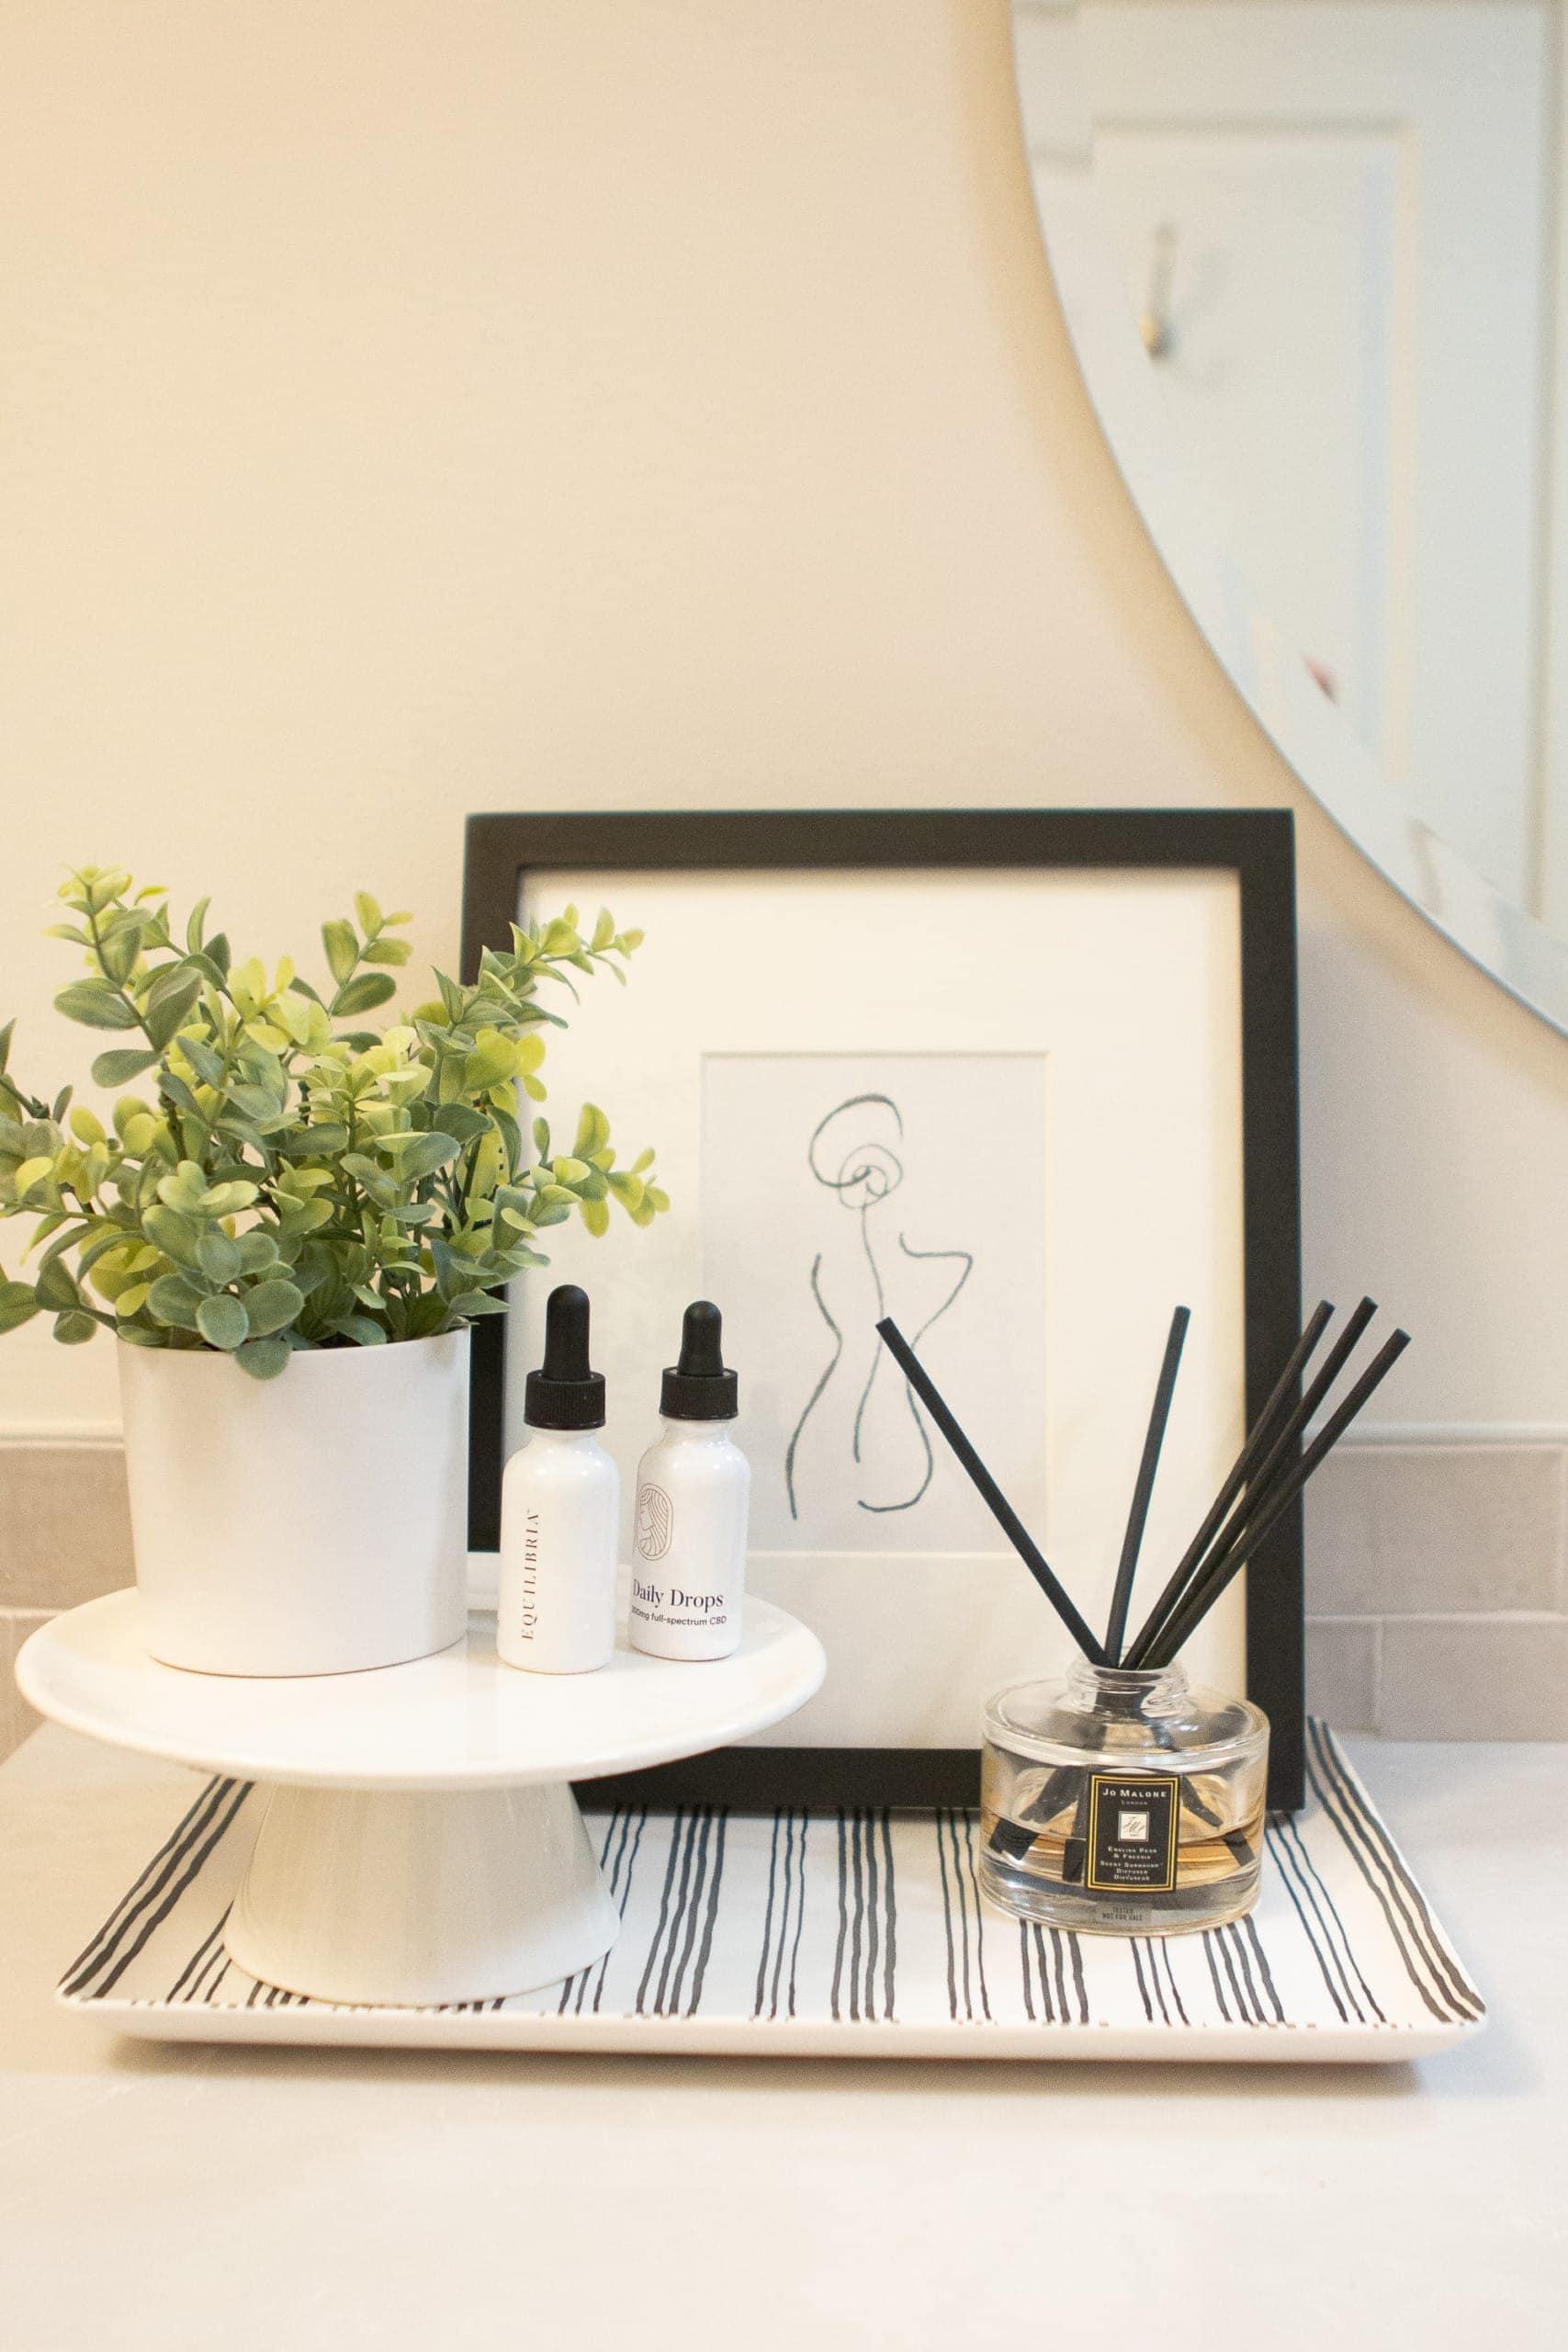 Jan's main bath vanity decor